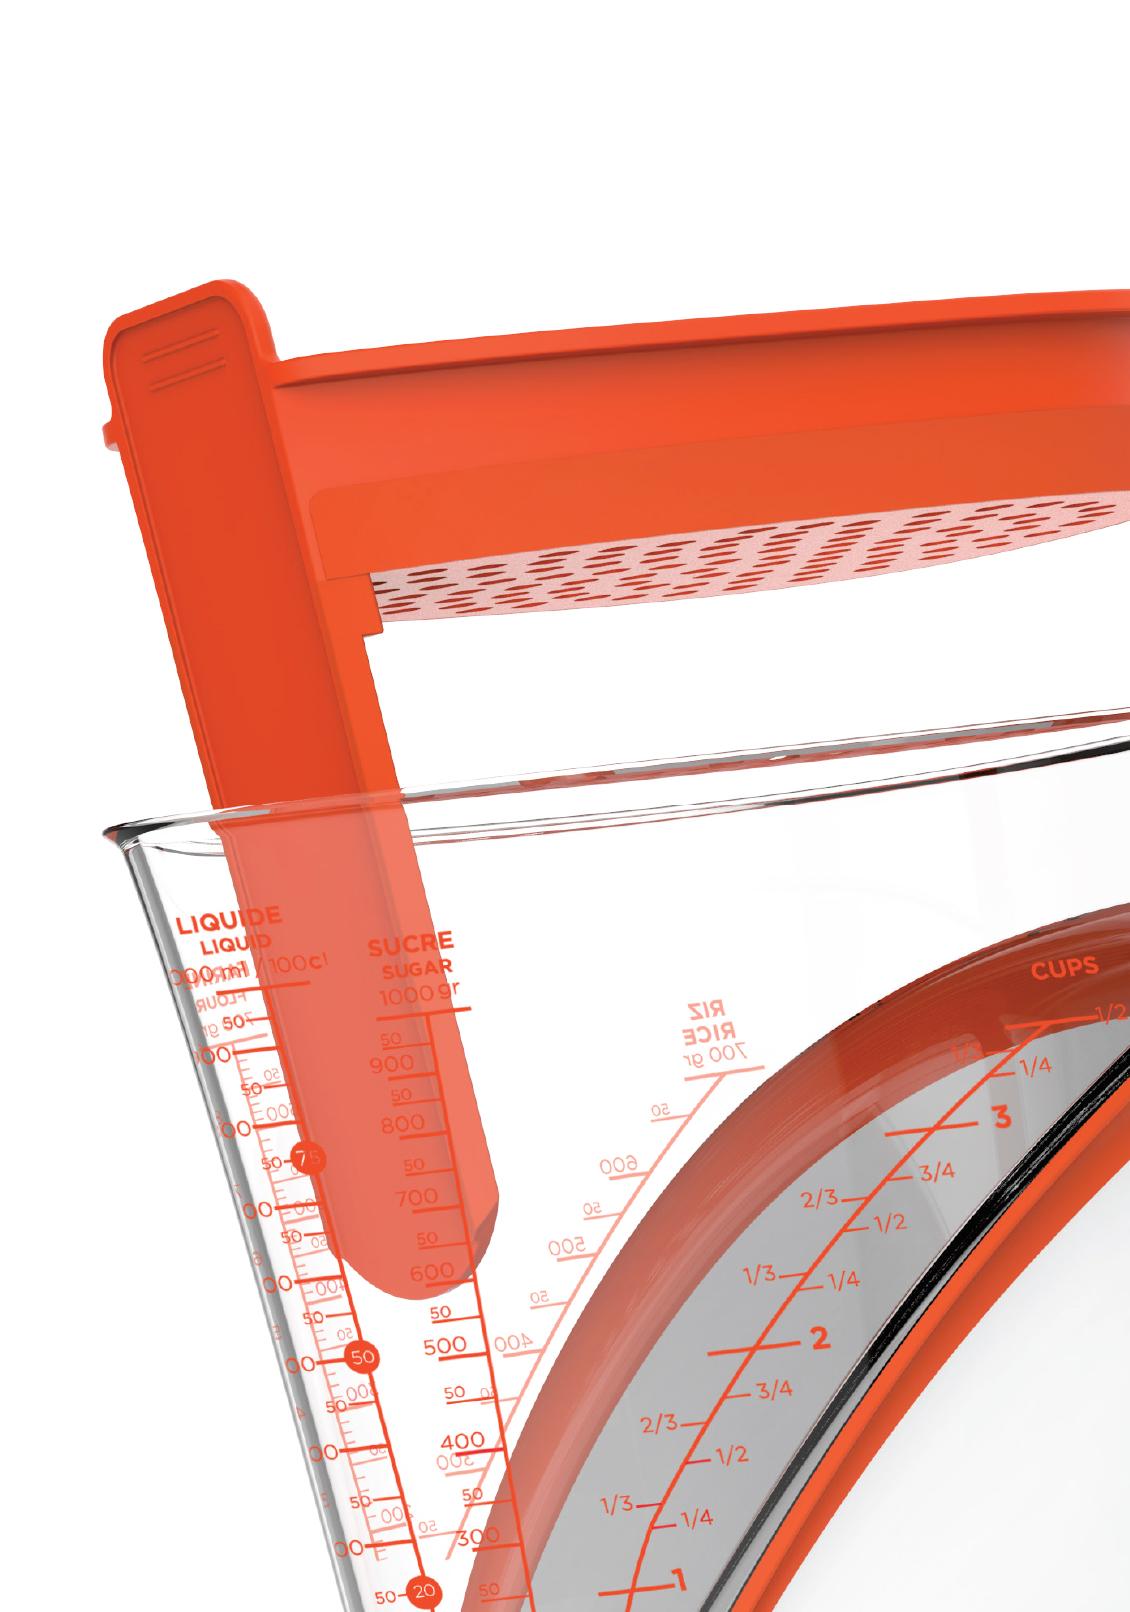 INSERT SéPARATEUR DE gras - Optimisez vos espaces. Ajoutez l'insert FAT SEPARATOR pour transformer votre pichet à mesurer en séparateur de gras.• Facilement démontable• Passe au lave-vaisselle